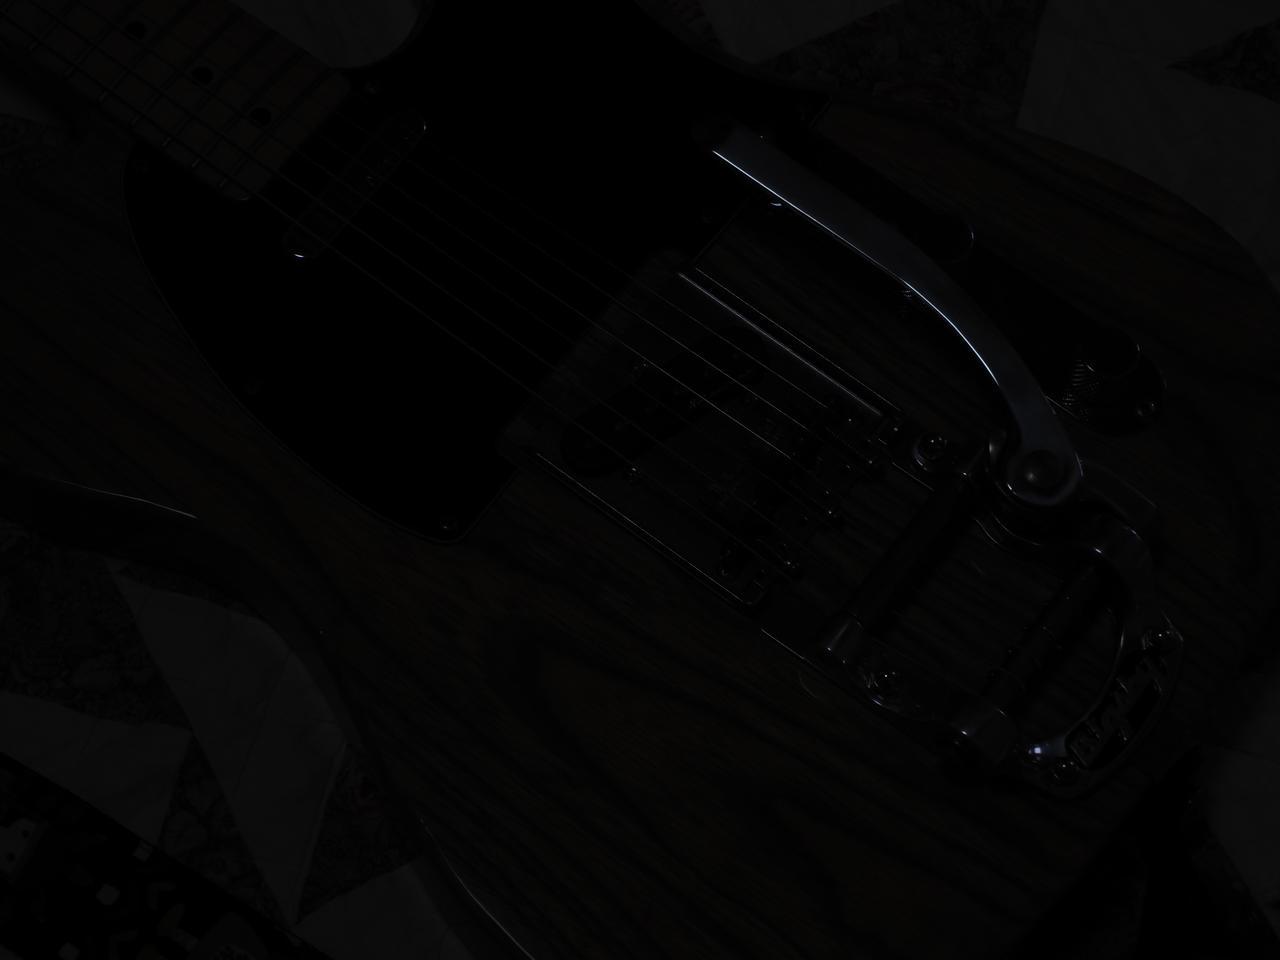 画像: 絞り優先AE(F8 1/125秒) ISO200 OLYMPUS Viewer 3を使用